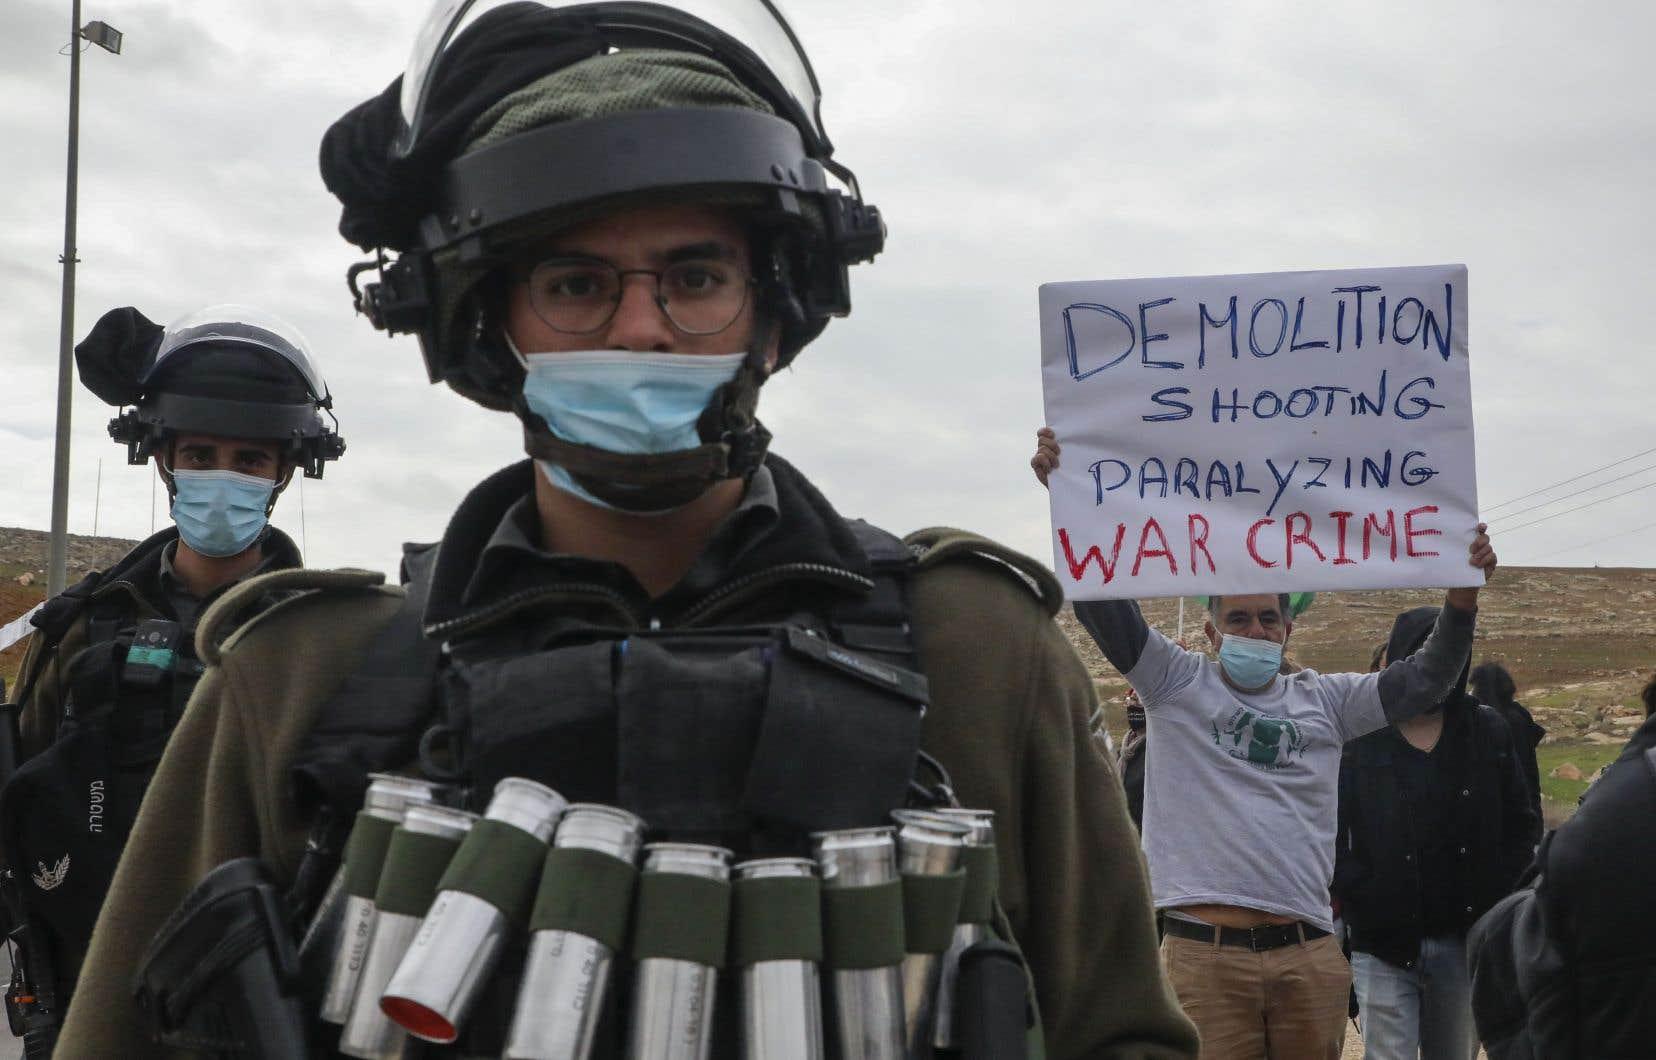 Manifestation contre la colonisation israélienne, le 15 janvier 2021 à Hébron, en Cisjordanie occupée